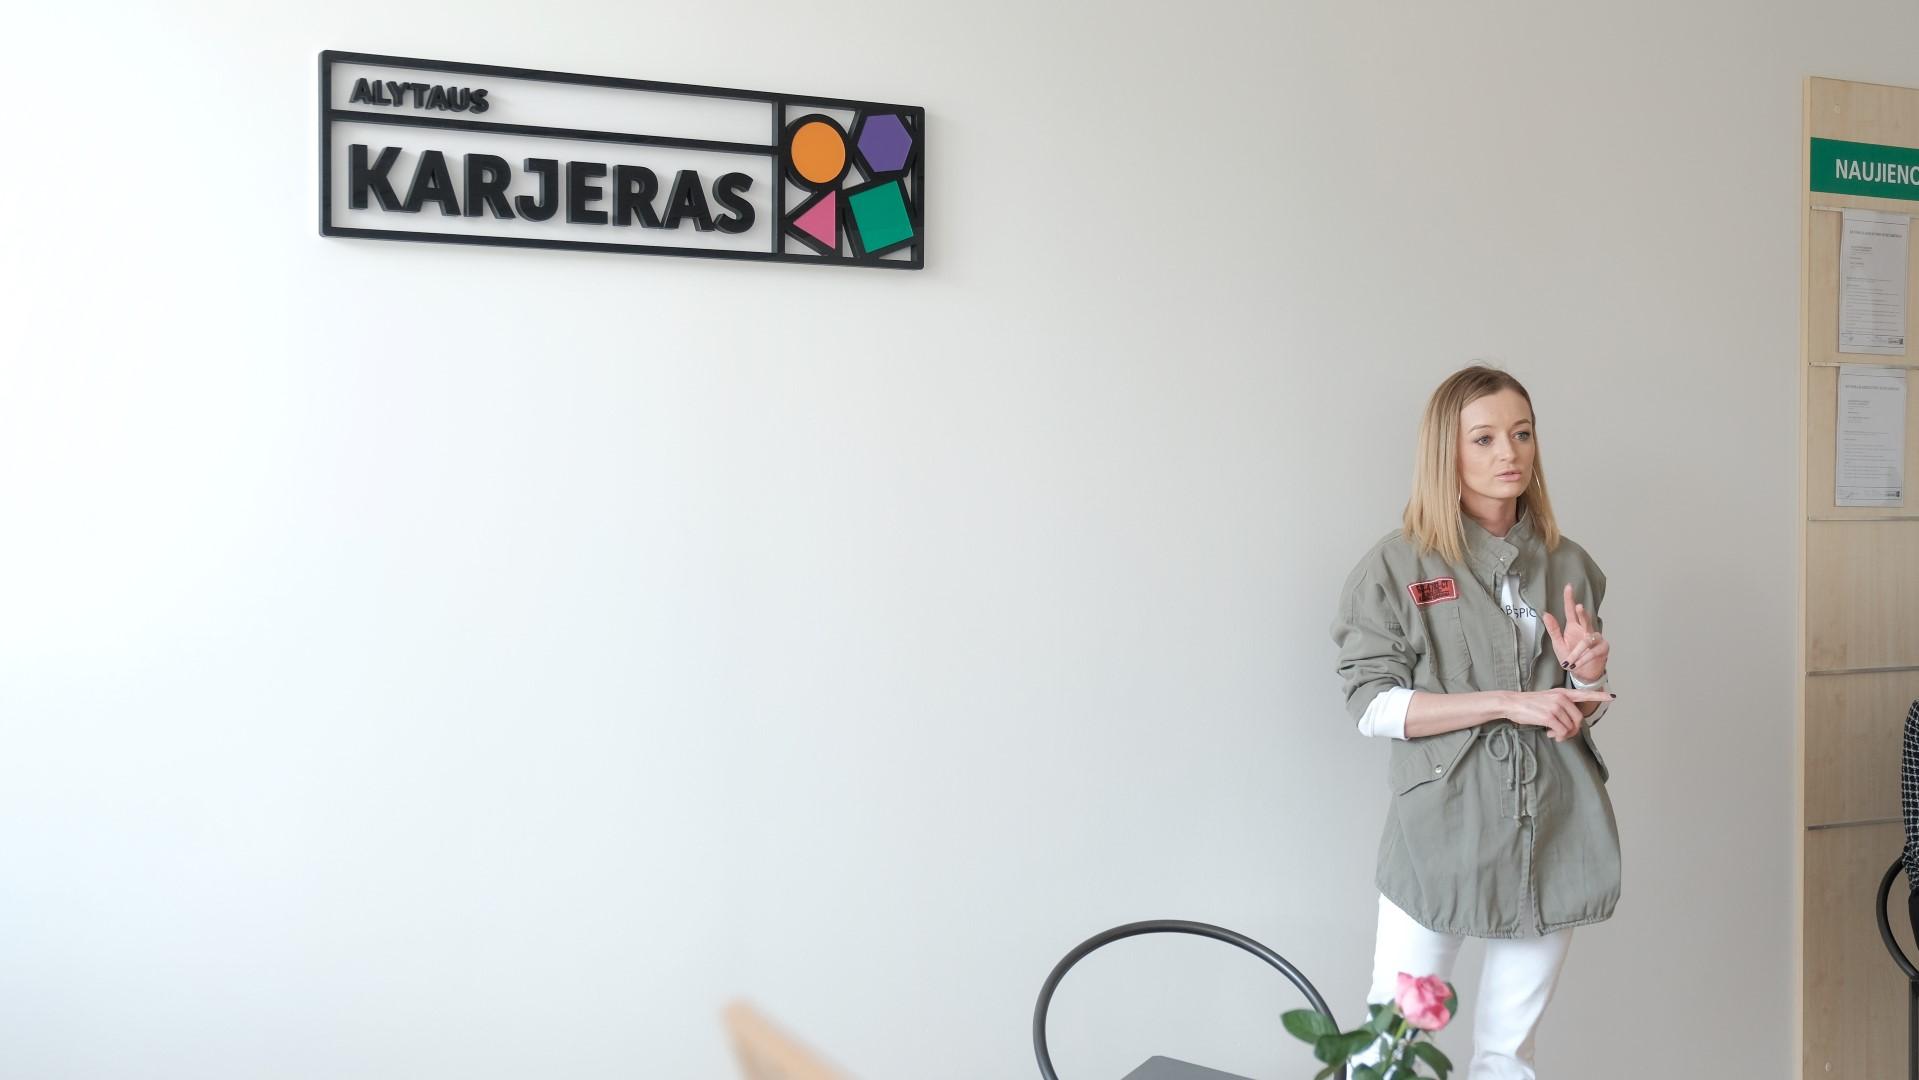 """Jaunųjų žurnalistų kursai: """"Šeštokė Ugnė apie susitikimą su žurnaliste Ugne"""""""